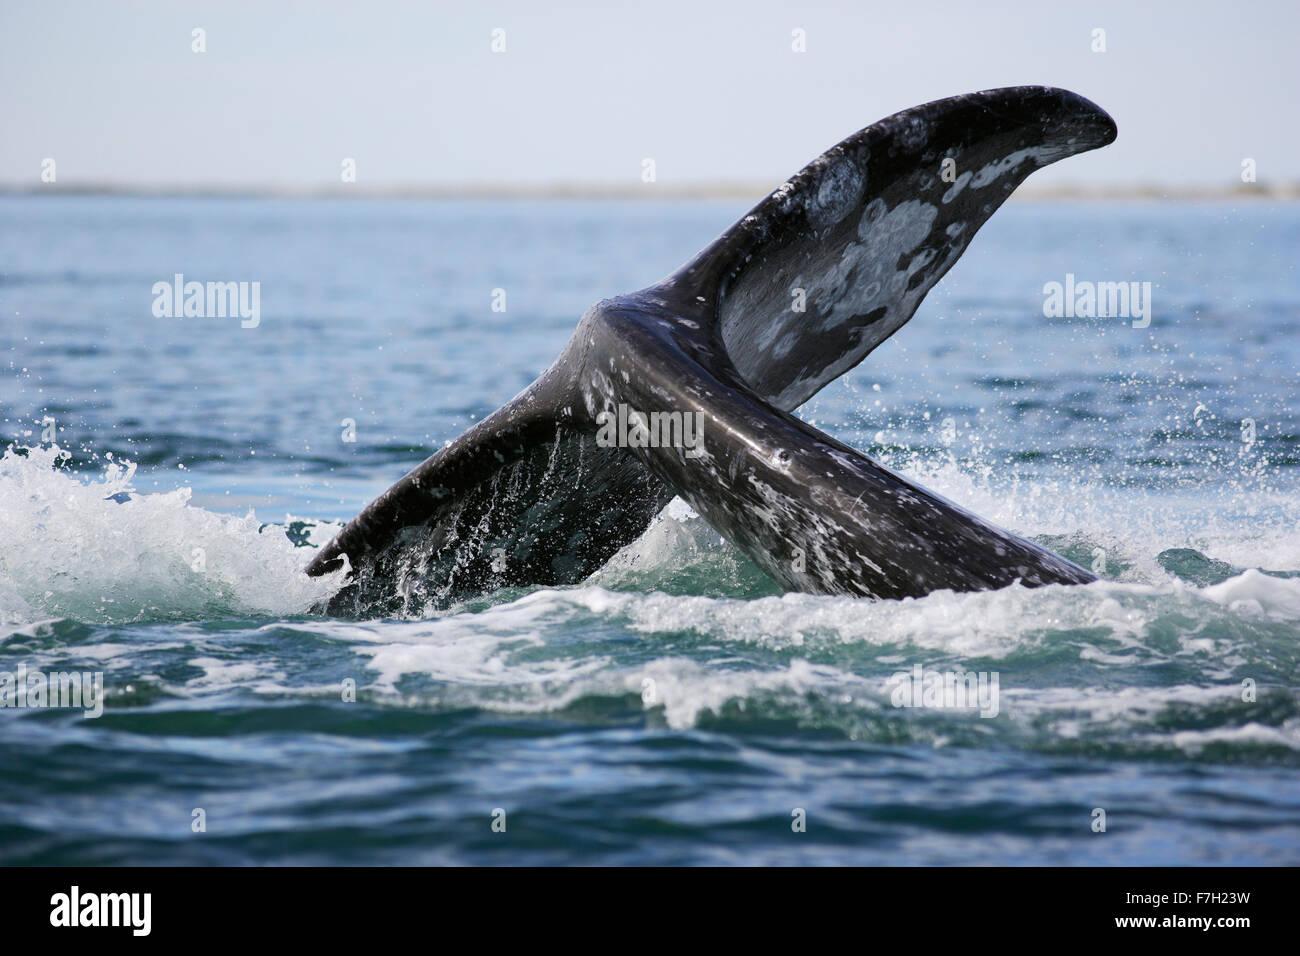 pr0176-D. Grauer Wal (Eschrichtius Robustus) Lob-Tailing. Lagune von San Ignacio, Baja, Mexiko. Foto Copyright © Stockbild